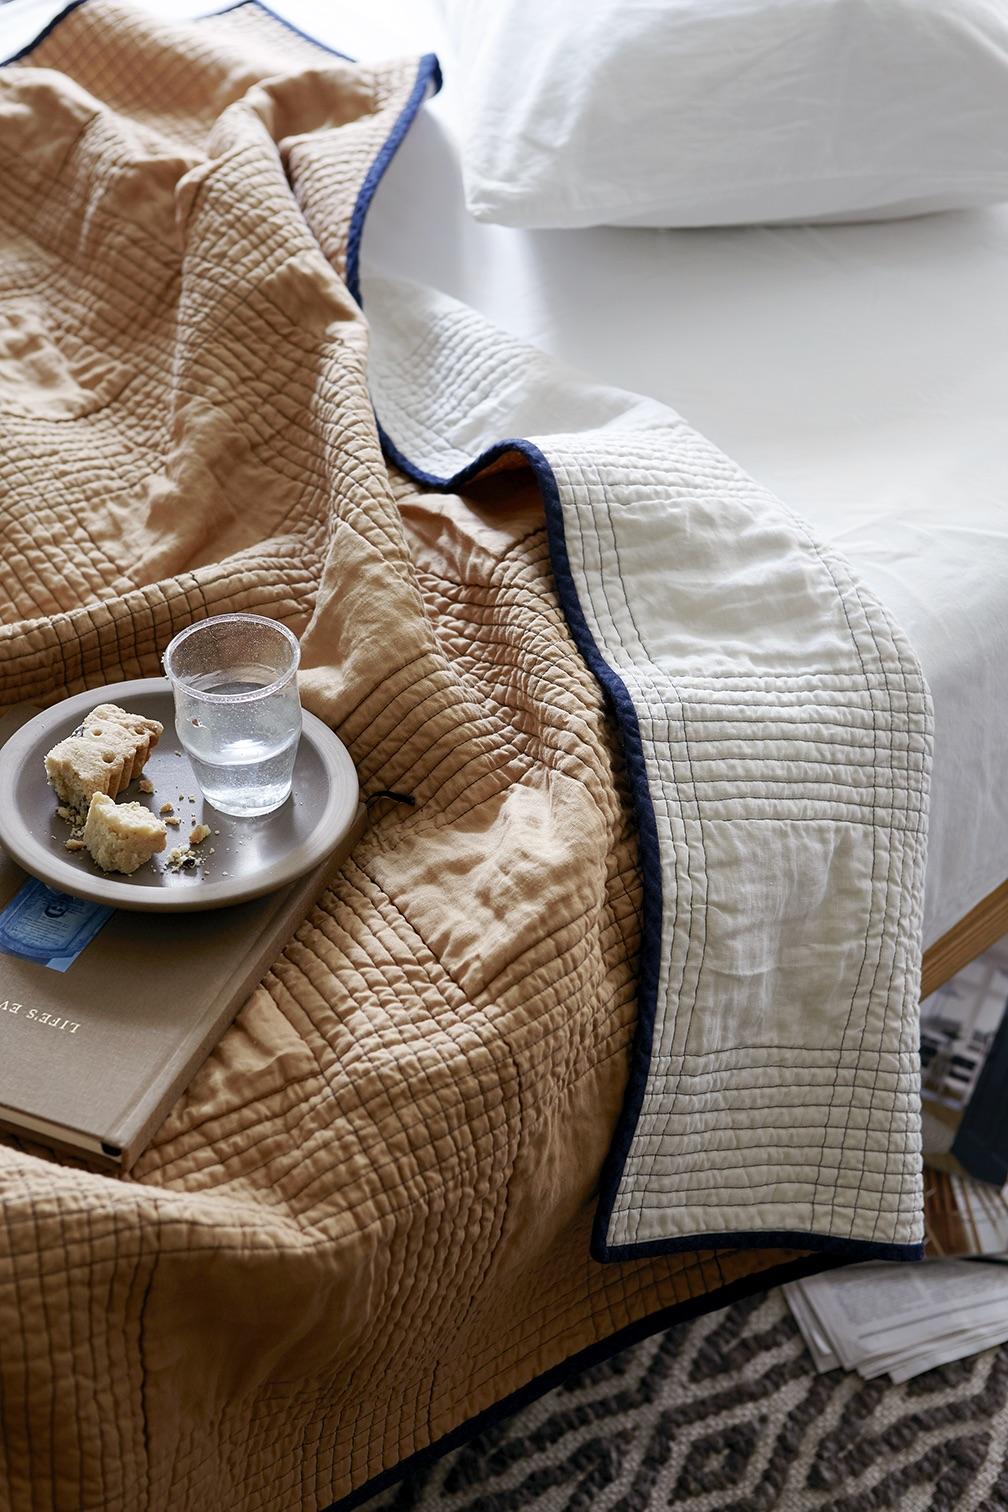 Mathilde: Minimalist Linen Quilts, Made in Rhode Island - Remodelista